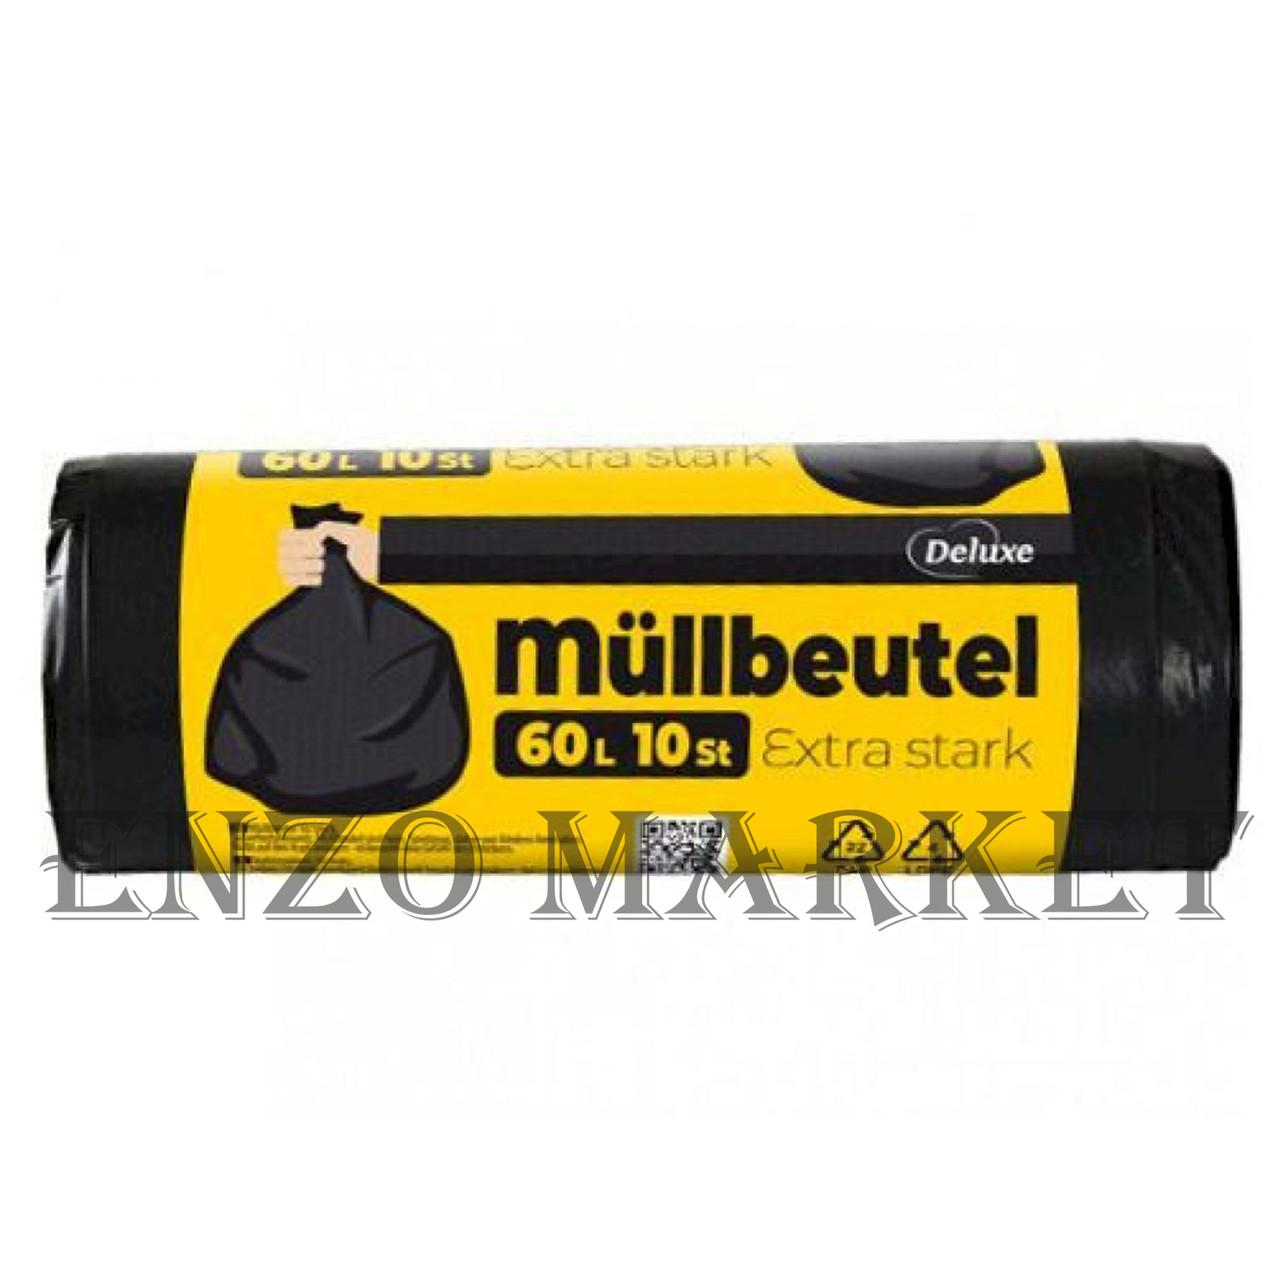 Пакеты для мусора Mullbeute LDPE 60 литров/10 штук